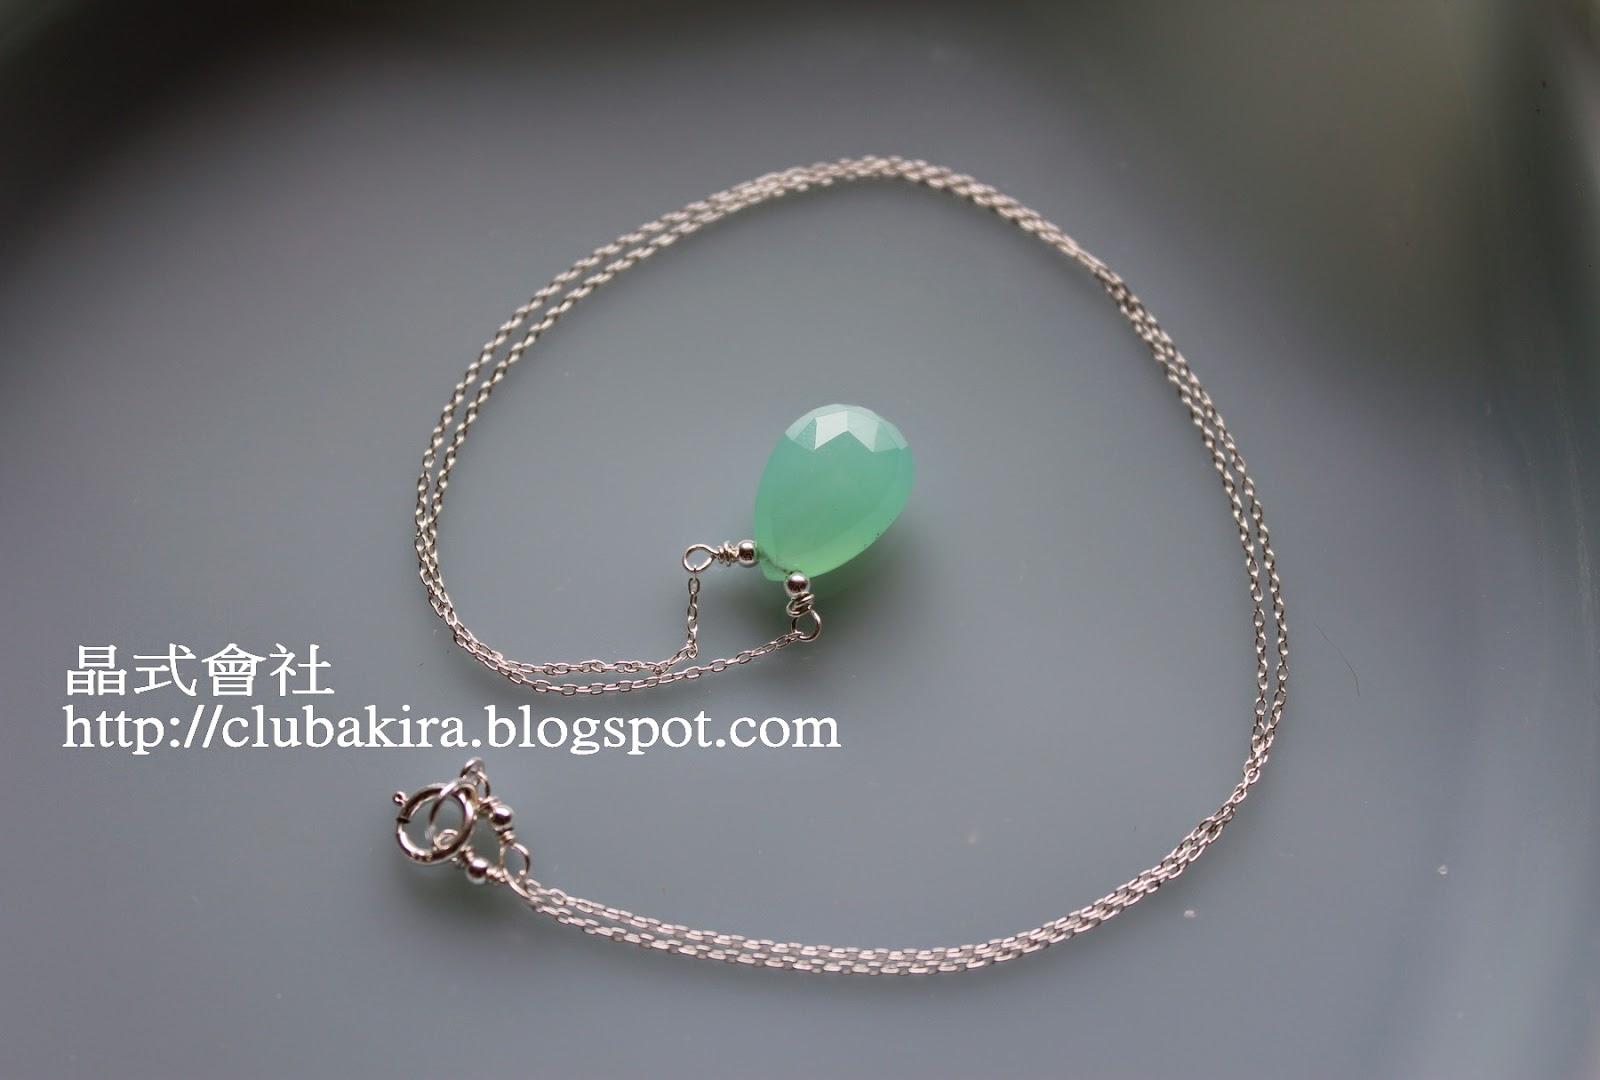 晶式會社: 綠意二帖:綠玉髓&葡萄石項鍊